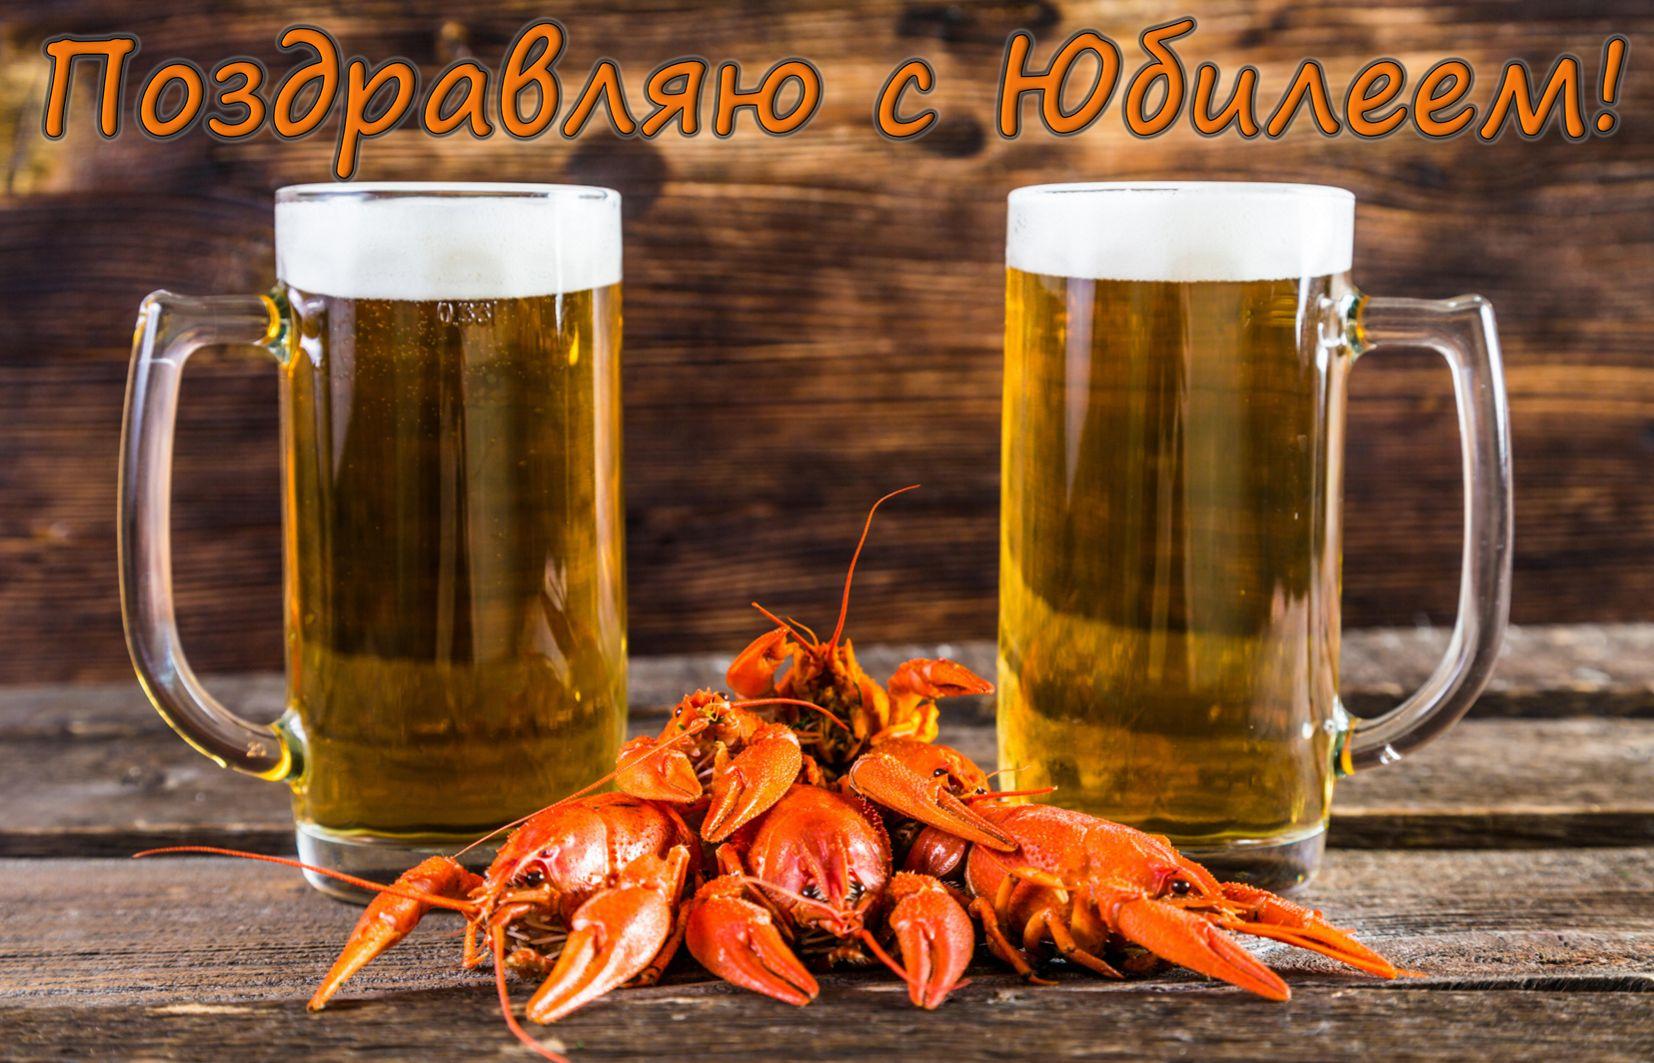 Открытка на юбилей - кружки с пивом и раки для мужчины